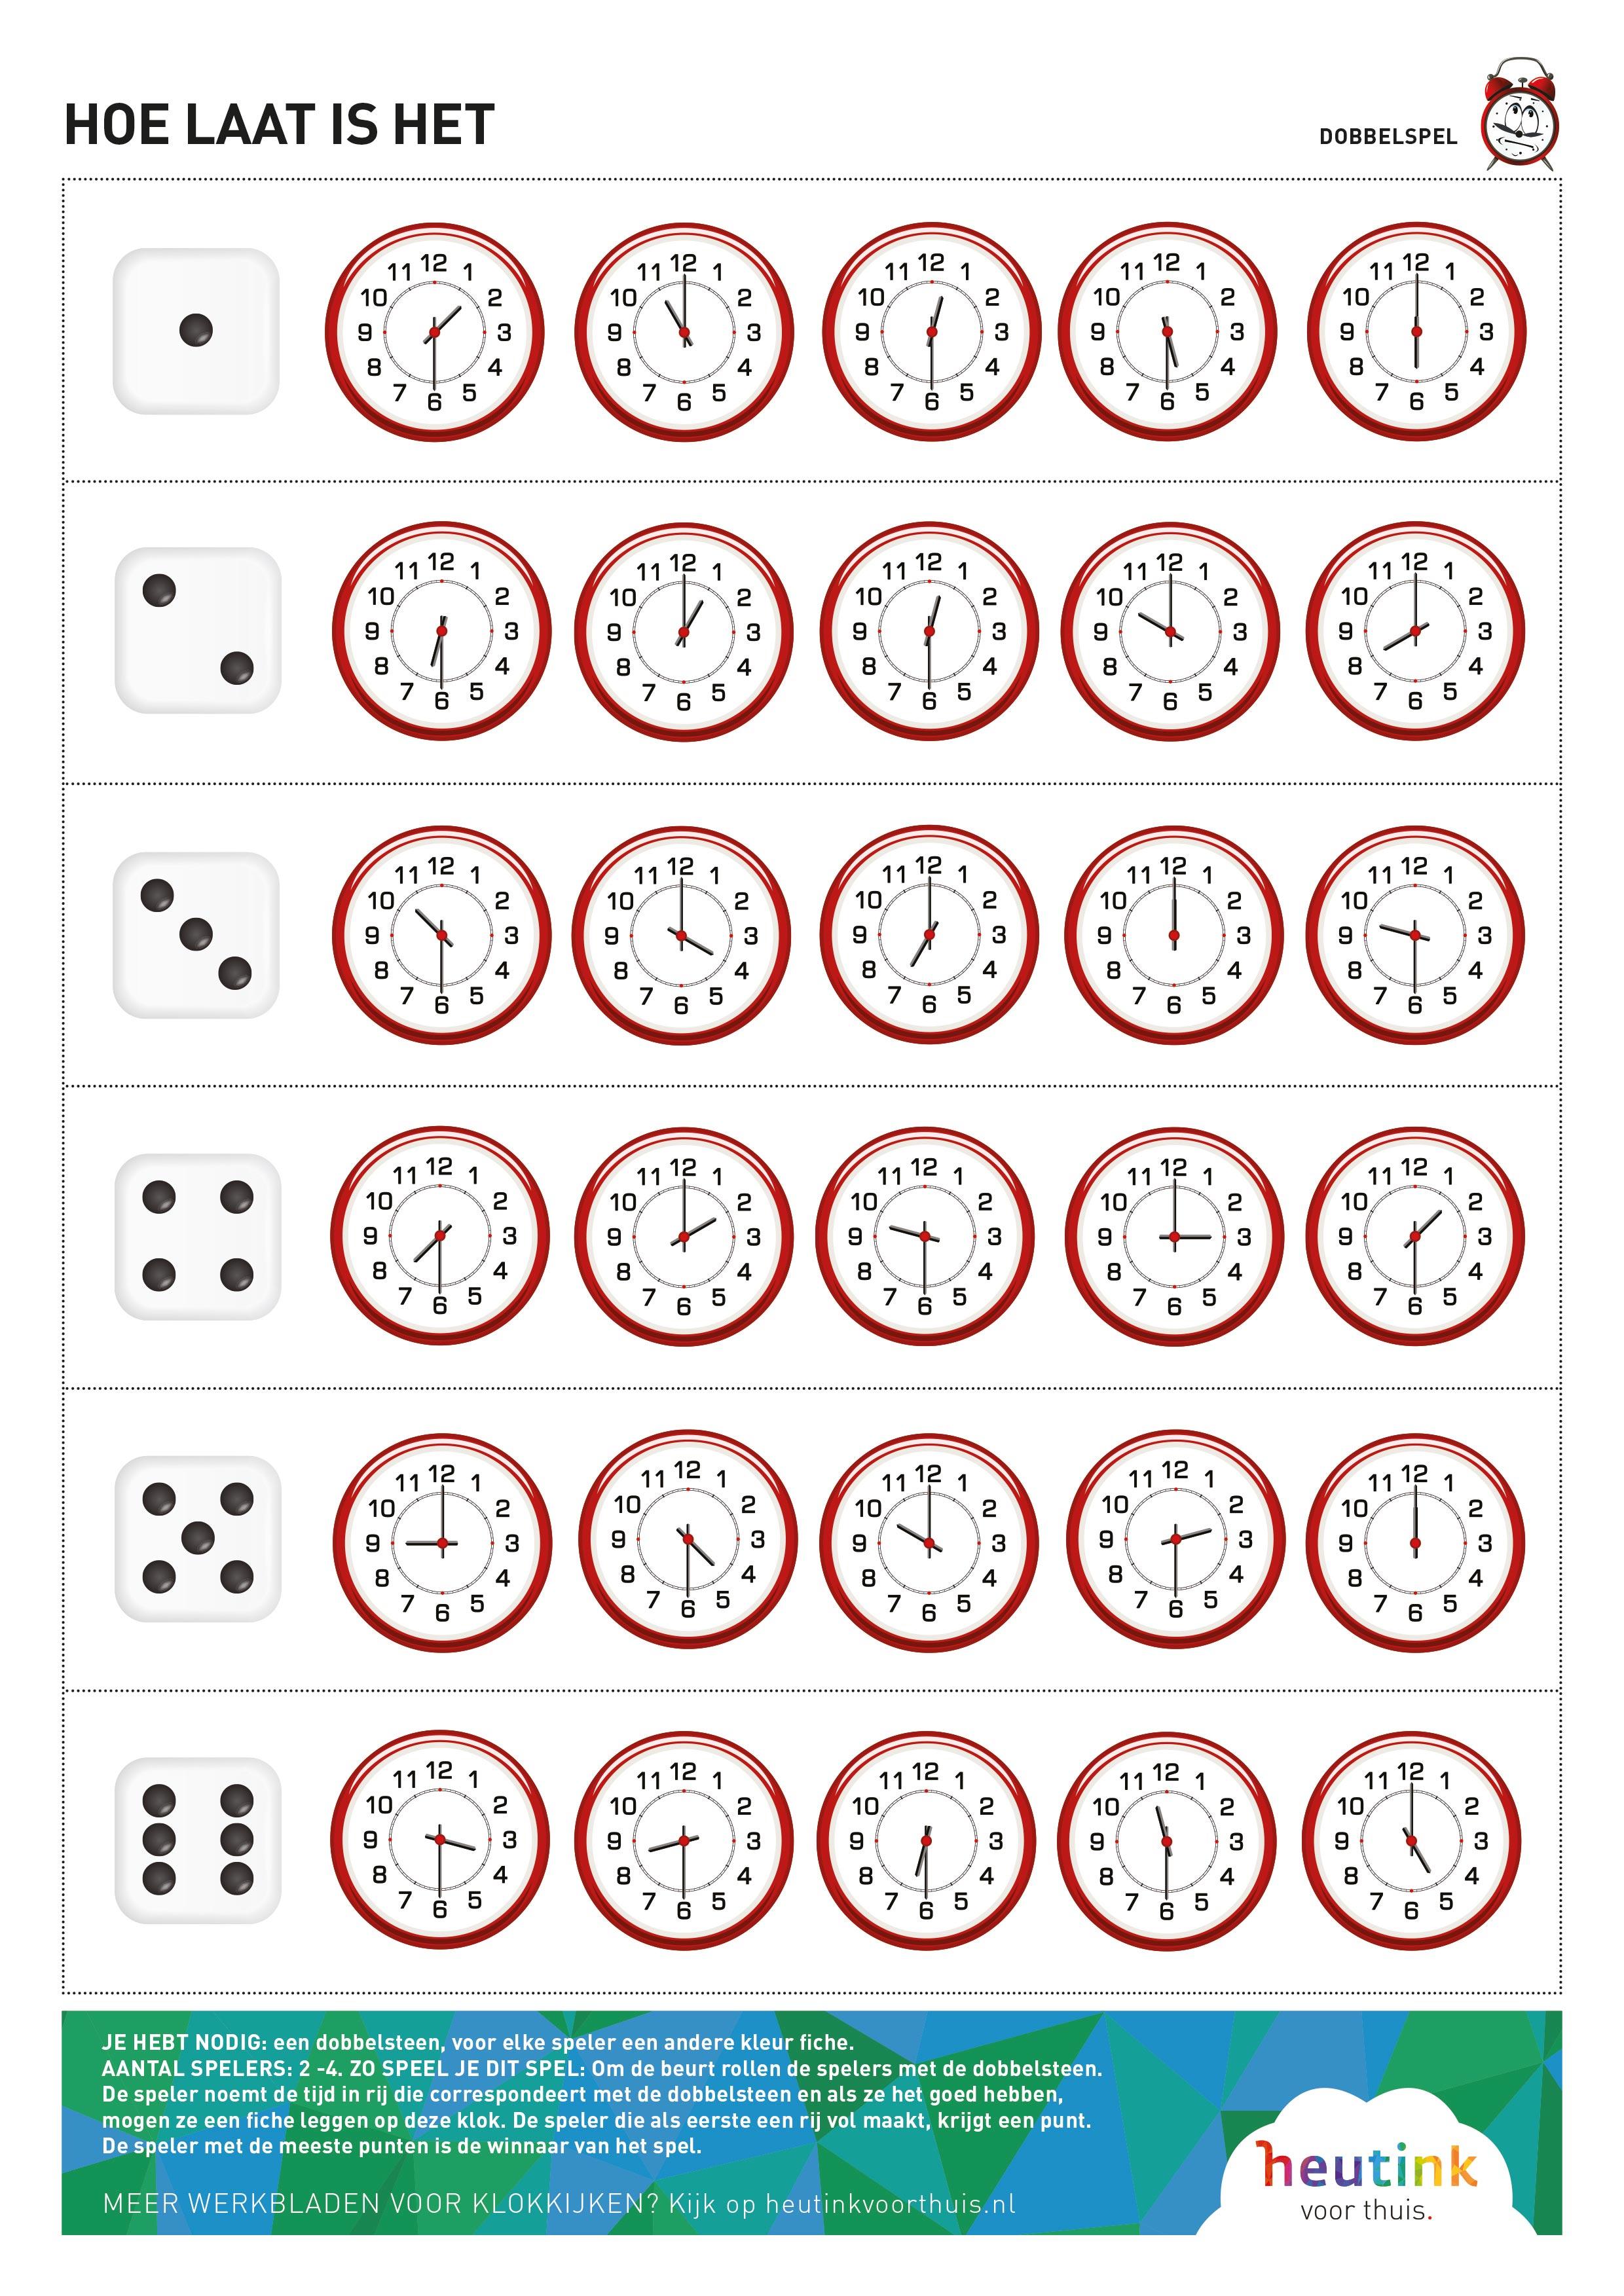 Beste Gratis spellentips voor leren klokkijken PC-12